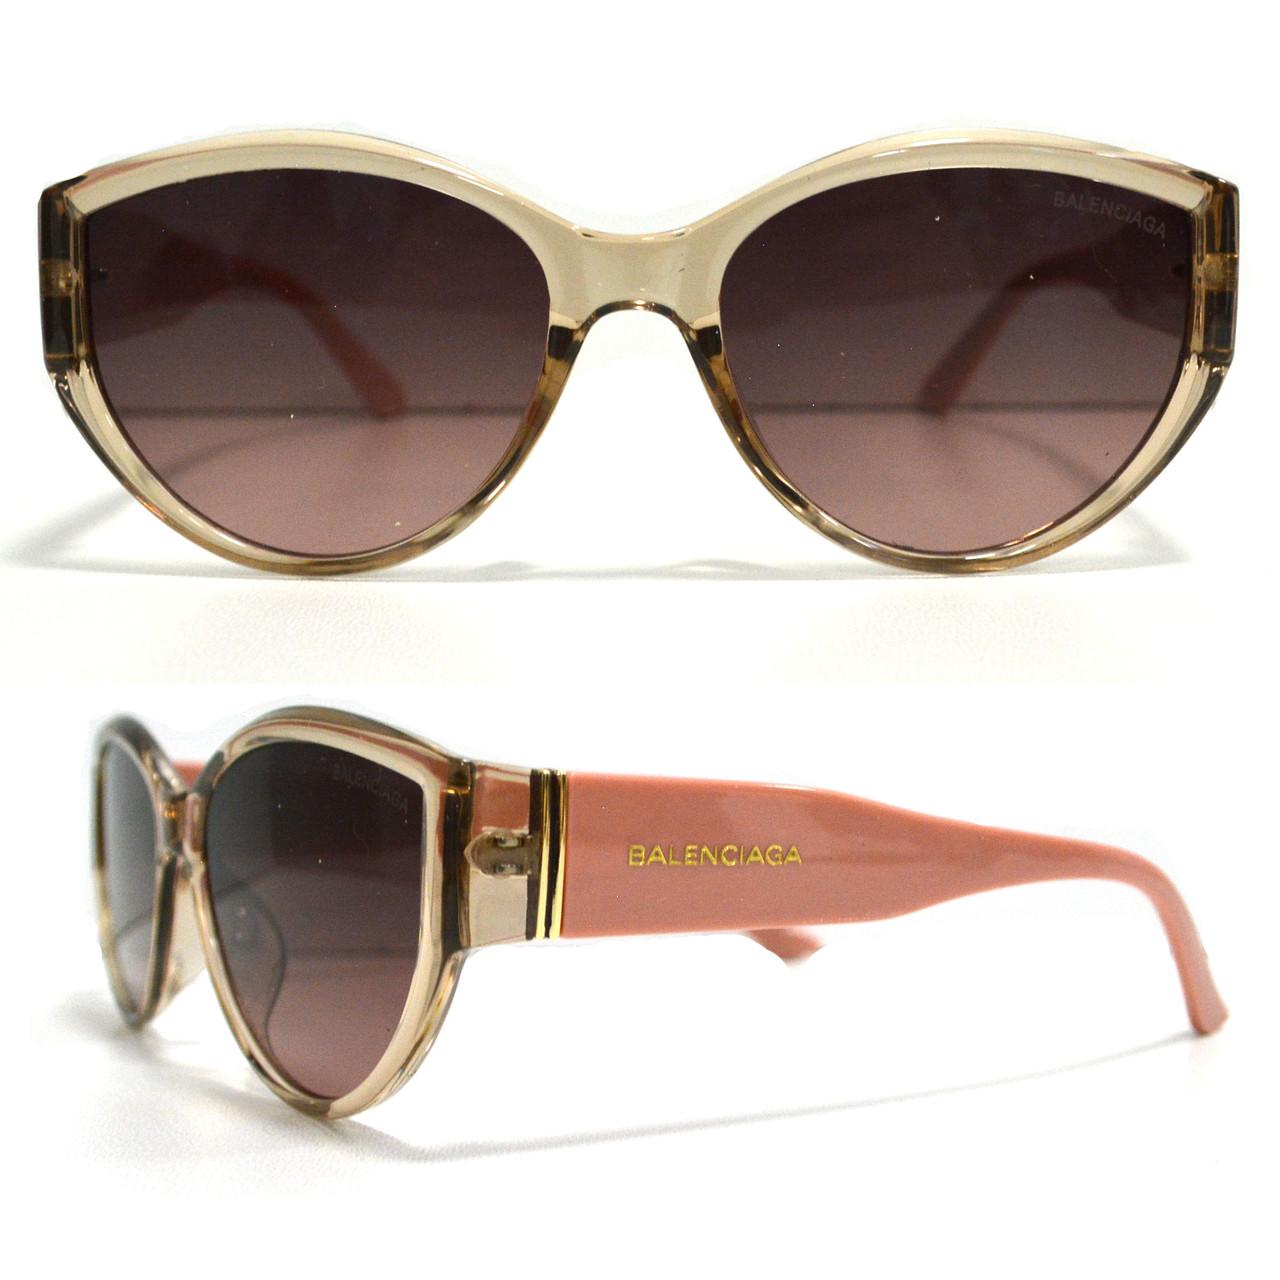 Солнцезащитные очки с коричневыми стеклами с широкой розовой дужкой Balenciaga 2125 - фото 1